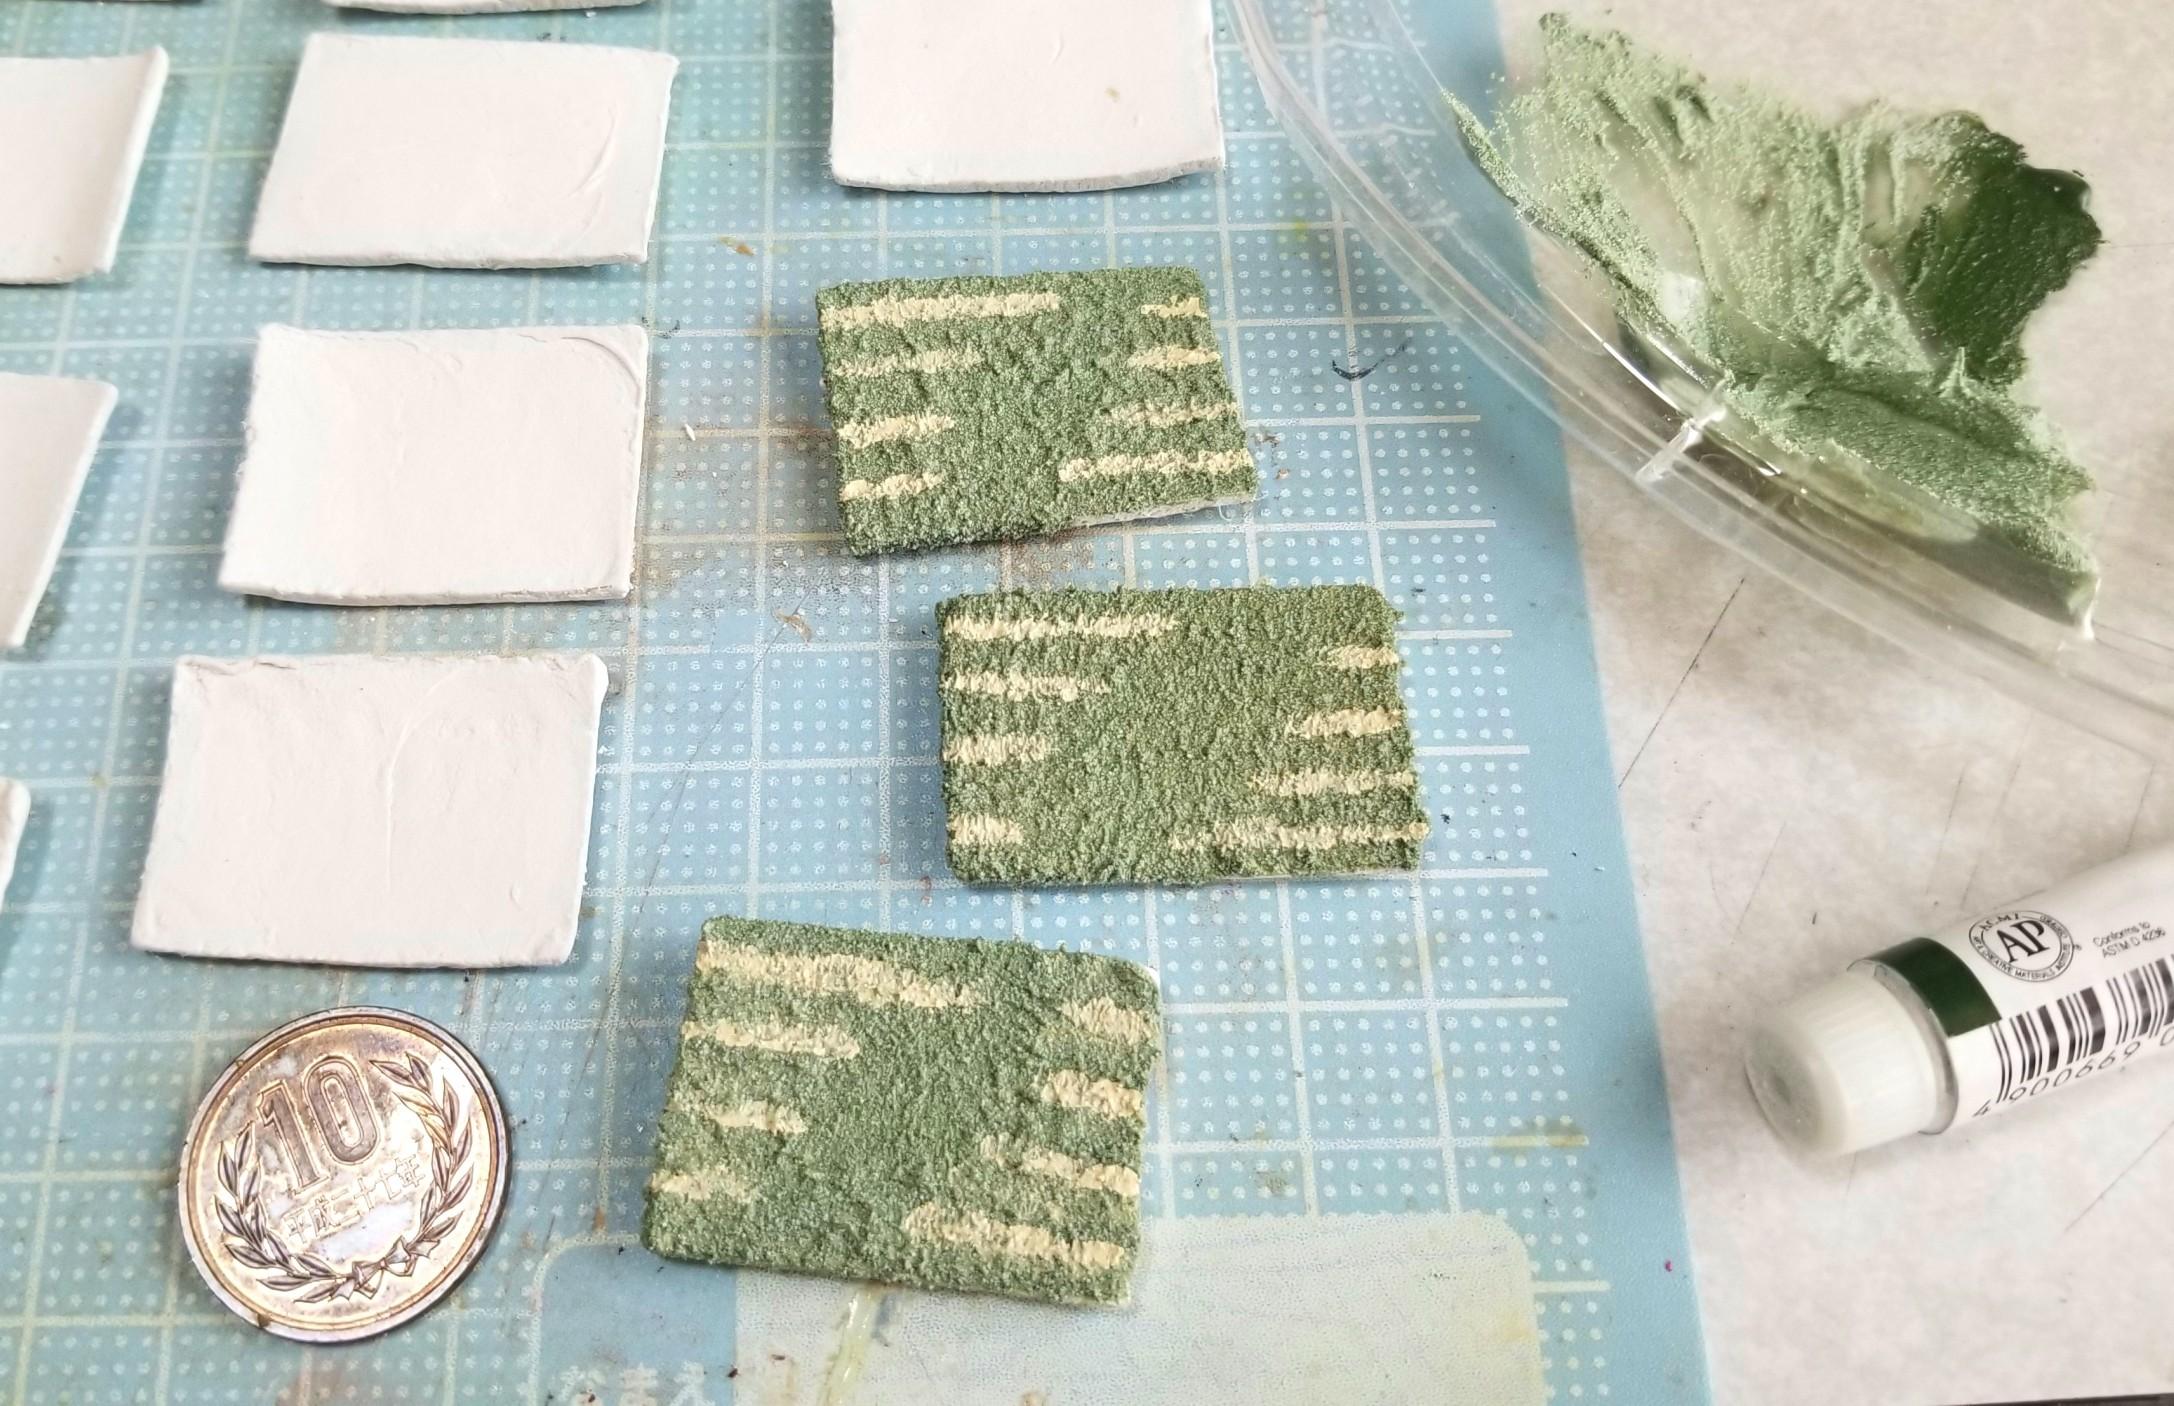 ミニチュア,和食器の作り方,お皿,陶器風,着色,石塑粘土,樹脂粘土